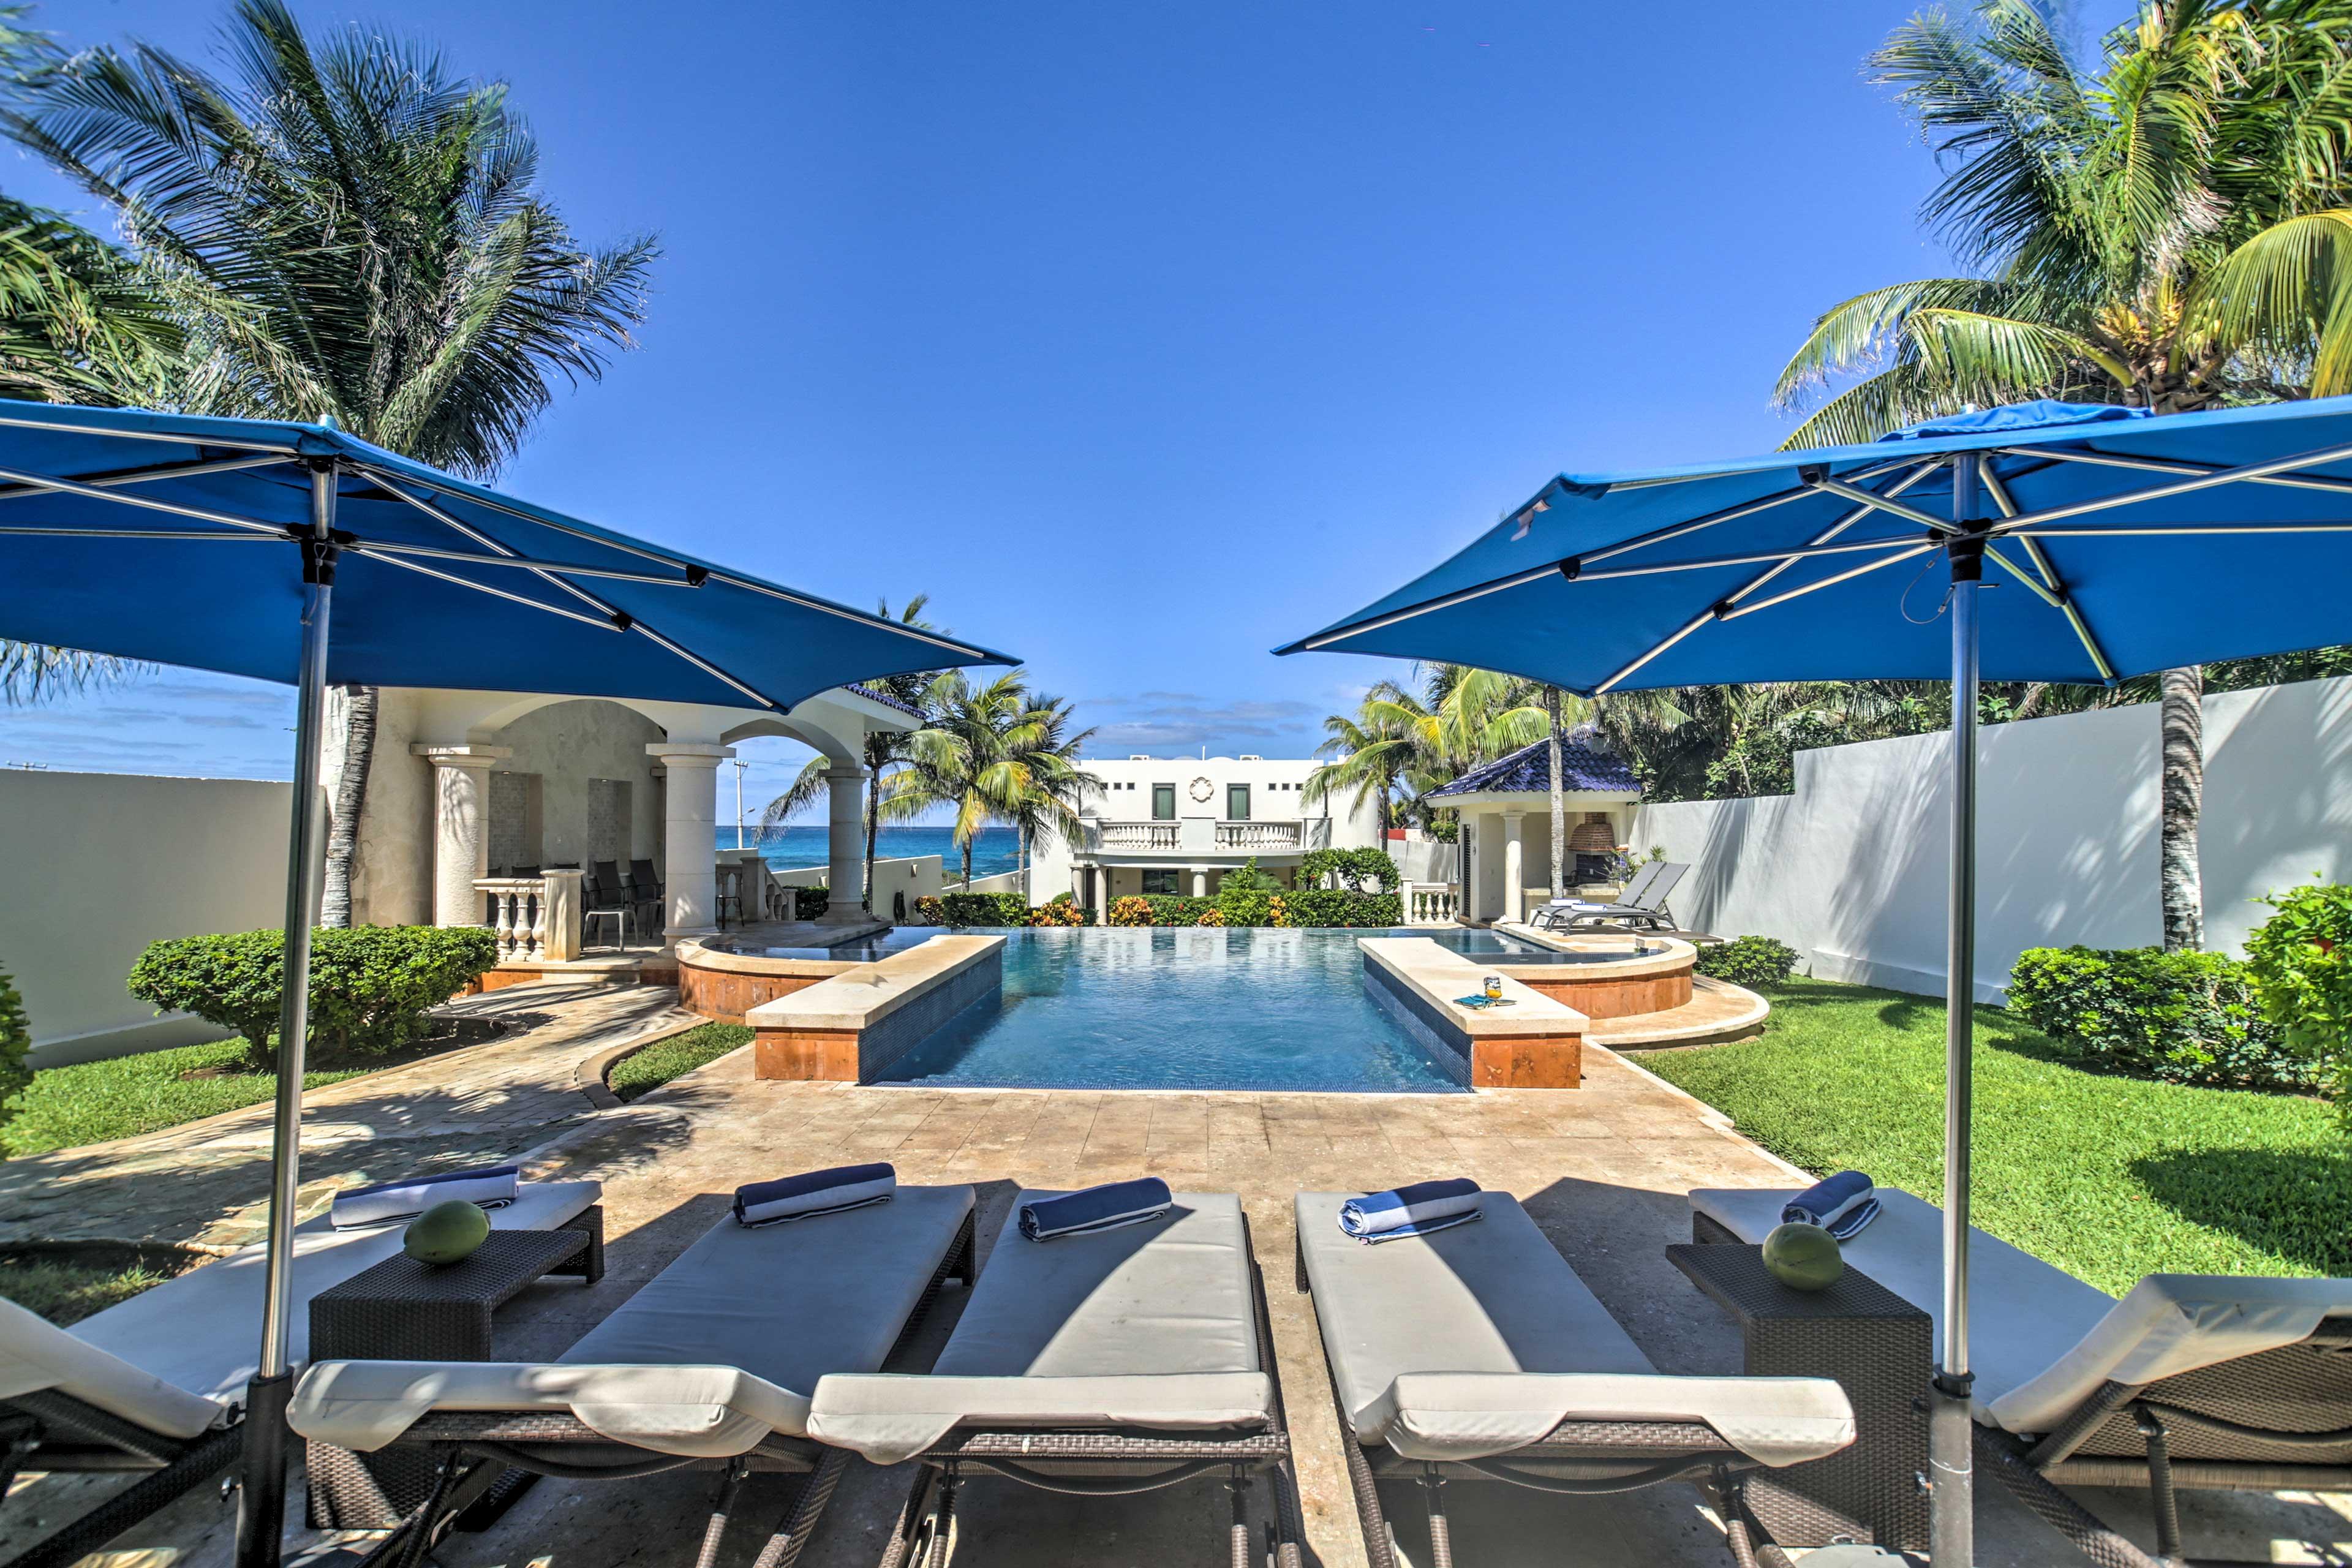 A perfect vacation awaits at 'Casa de las Palmas' in Isla Mujeres!